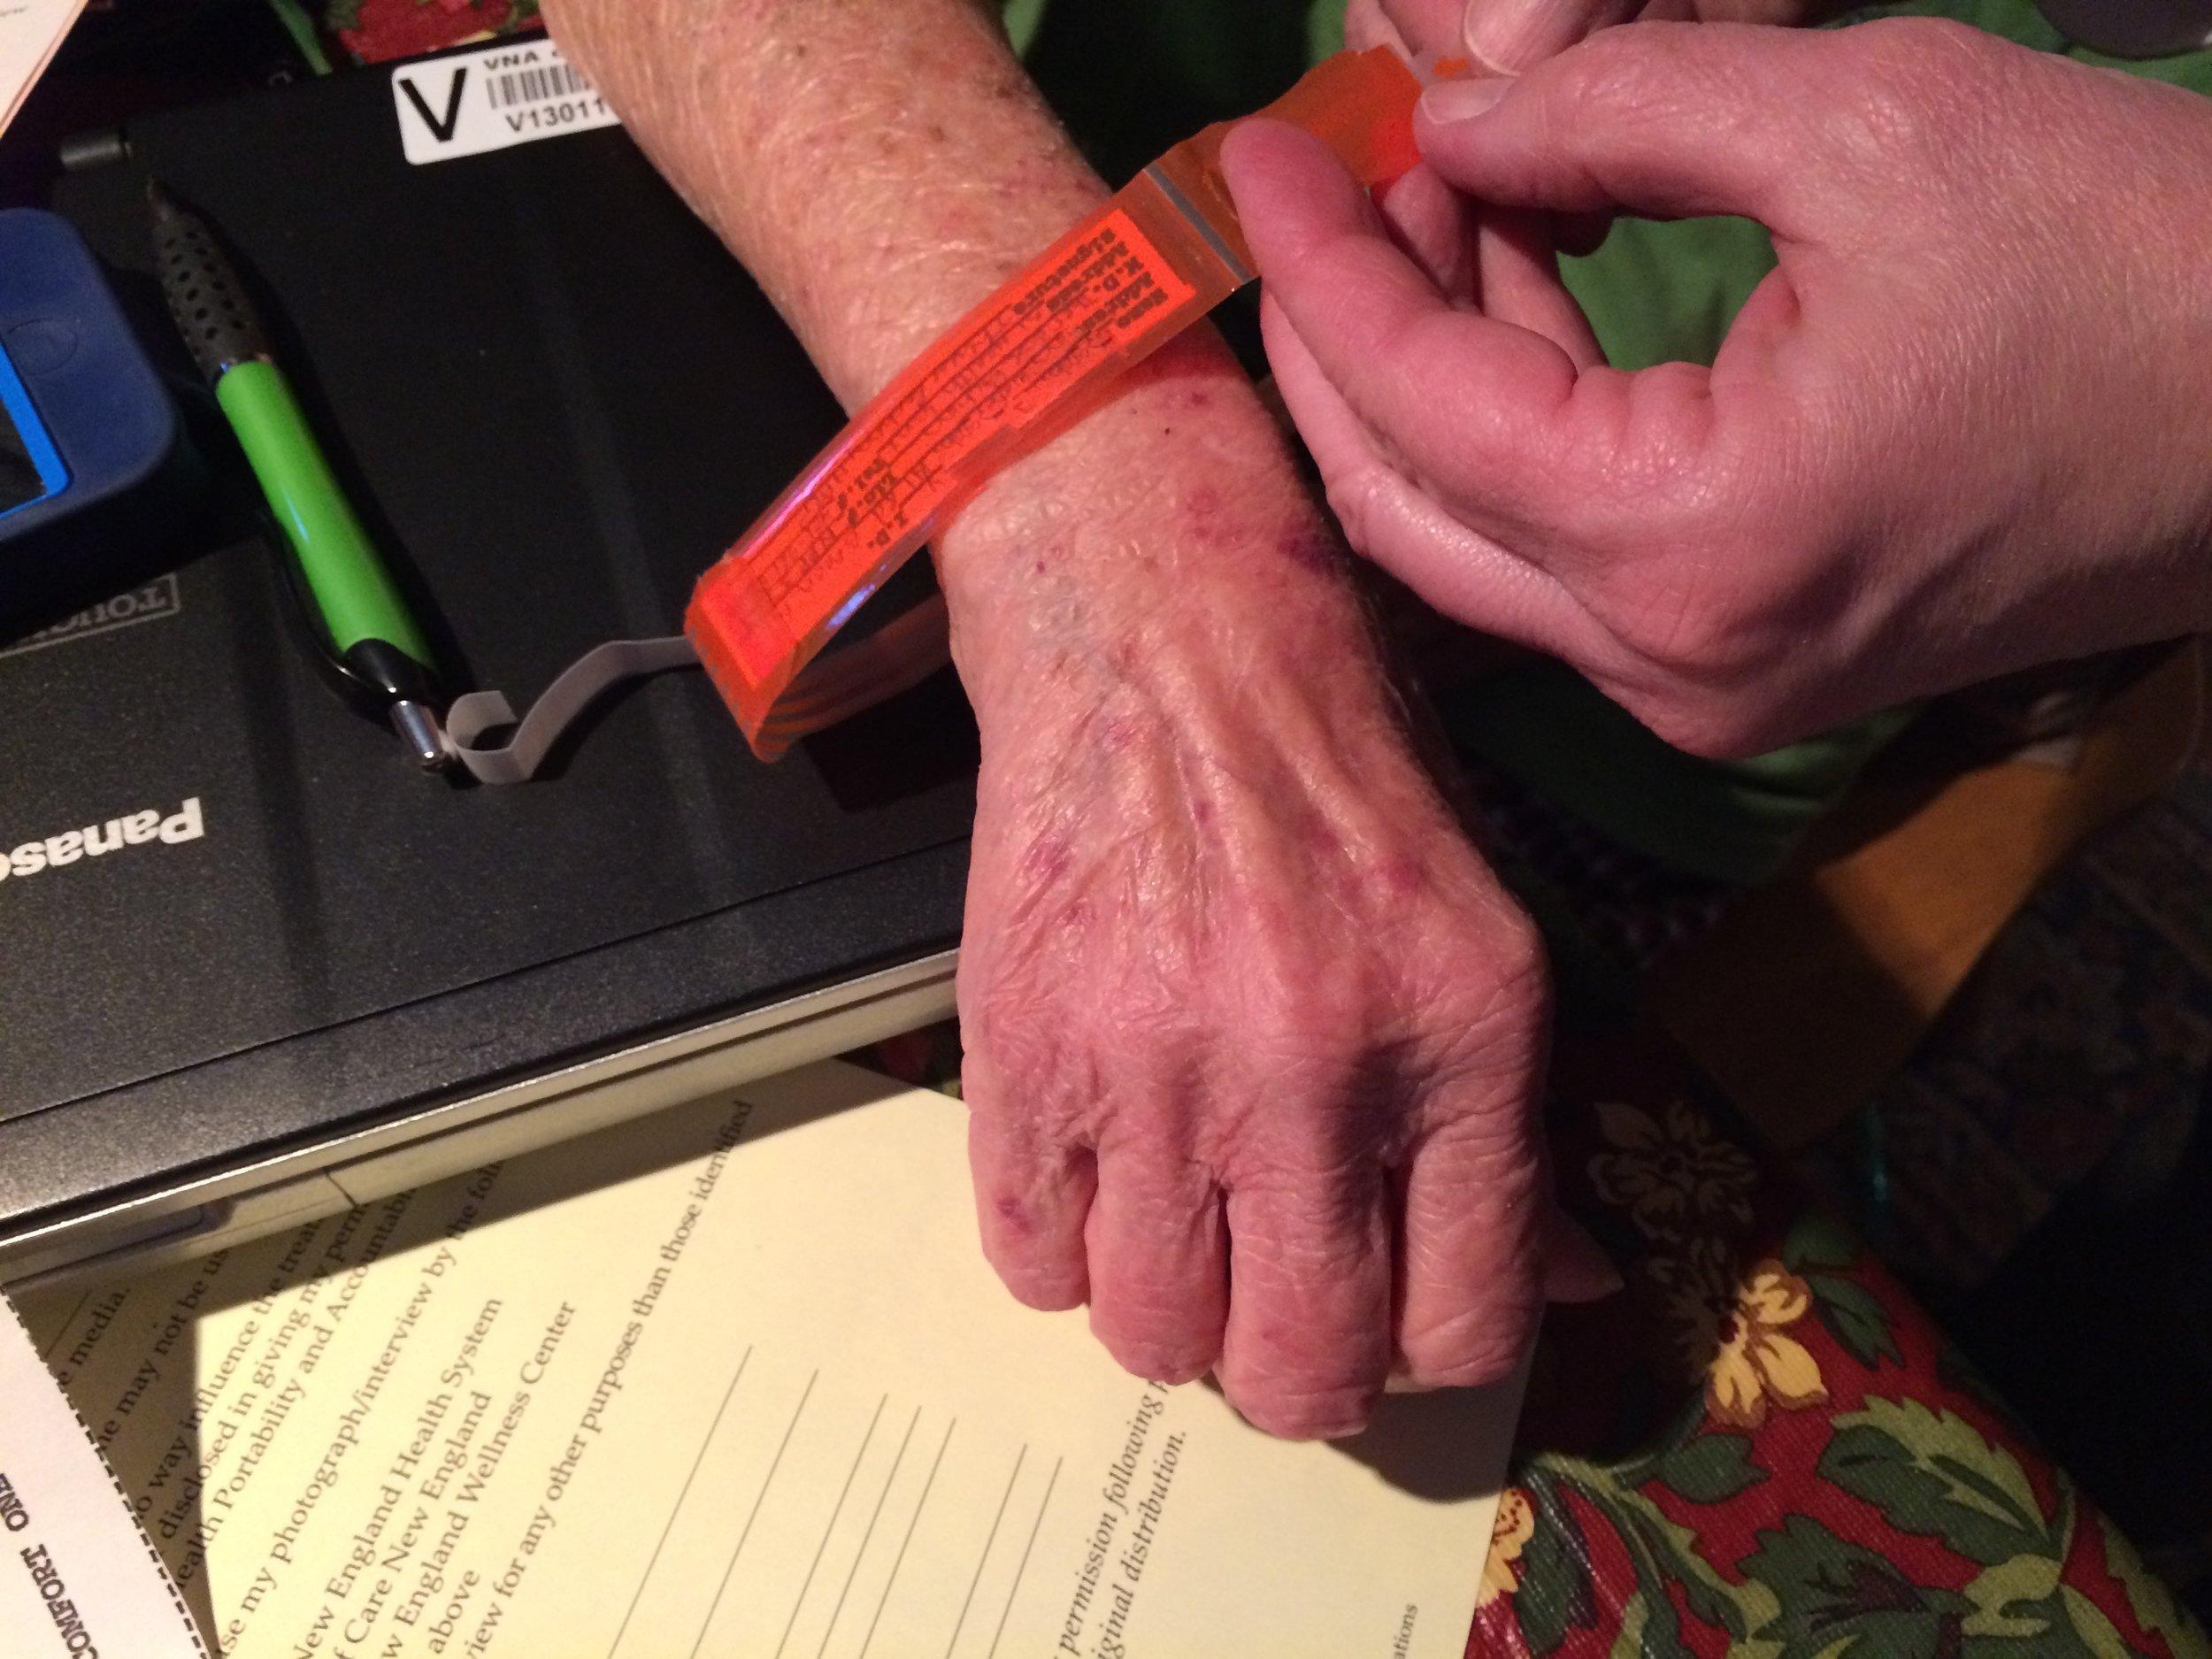 Visiting nurse Terry Rochon attaches a DNR bracelet to Debbie's wrist.